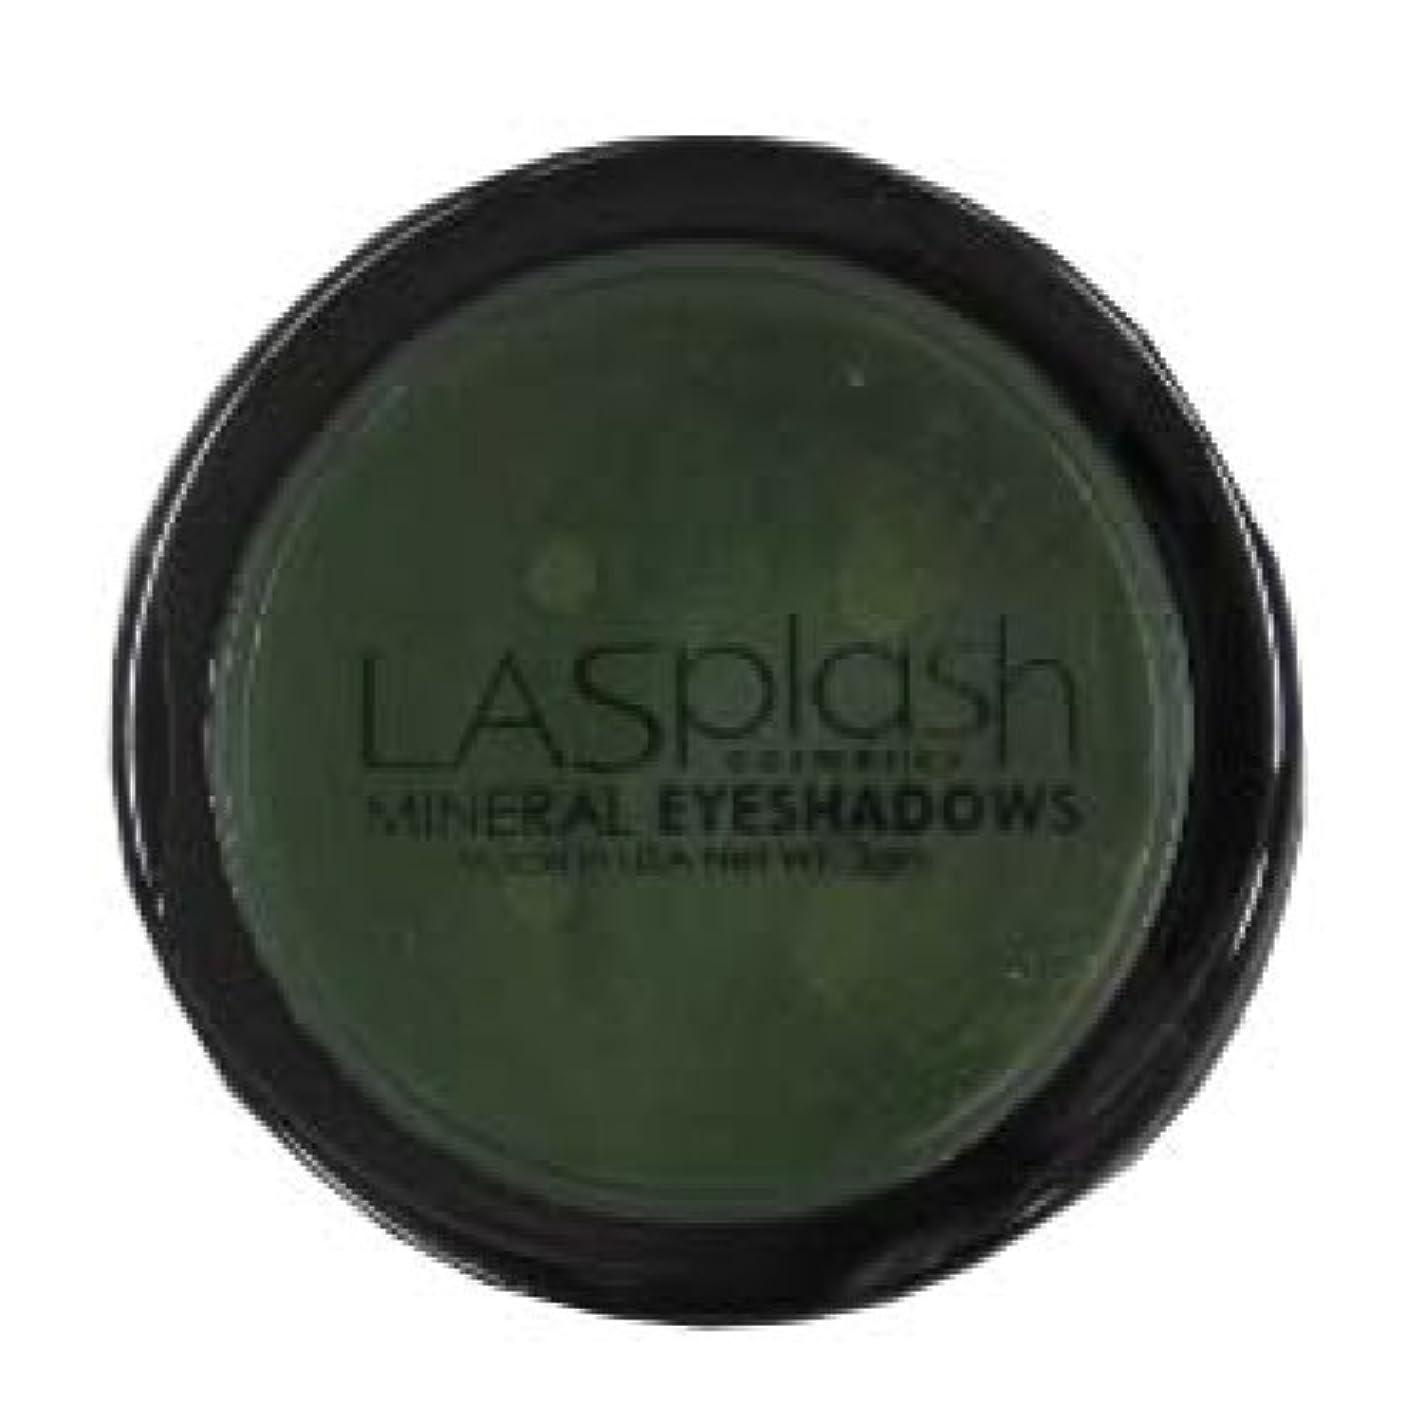 狂乱発明する原因LASplash ミネラルアイスパークルアイシャドウグリーン257